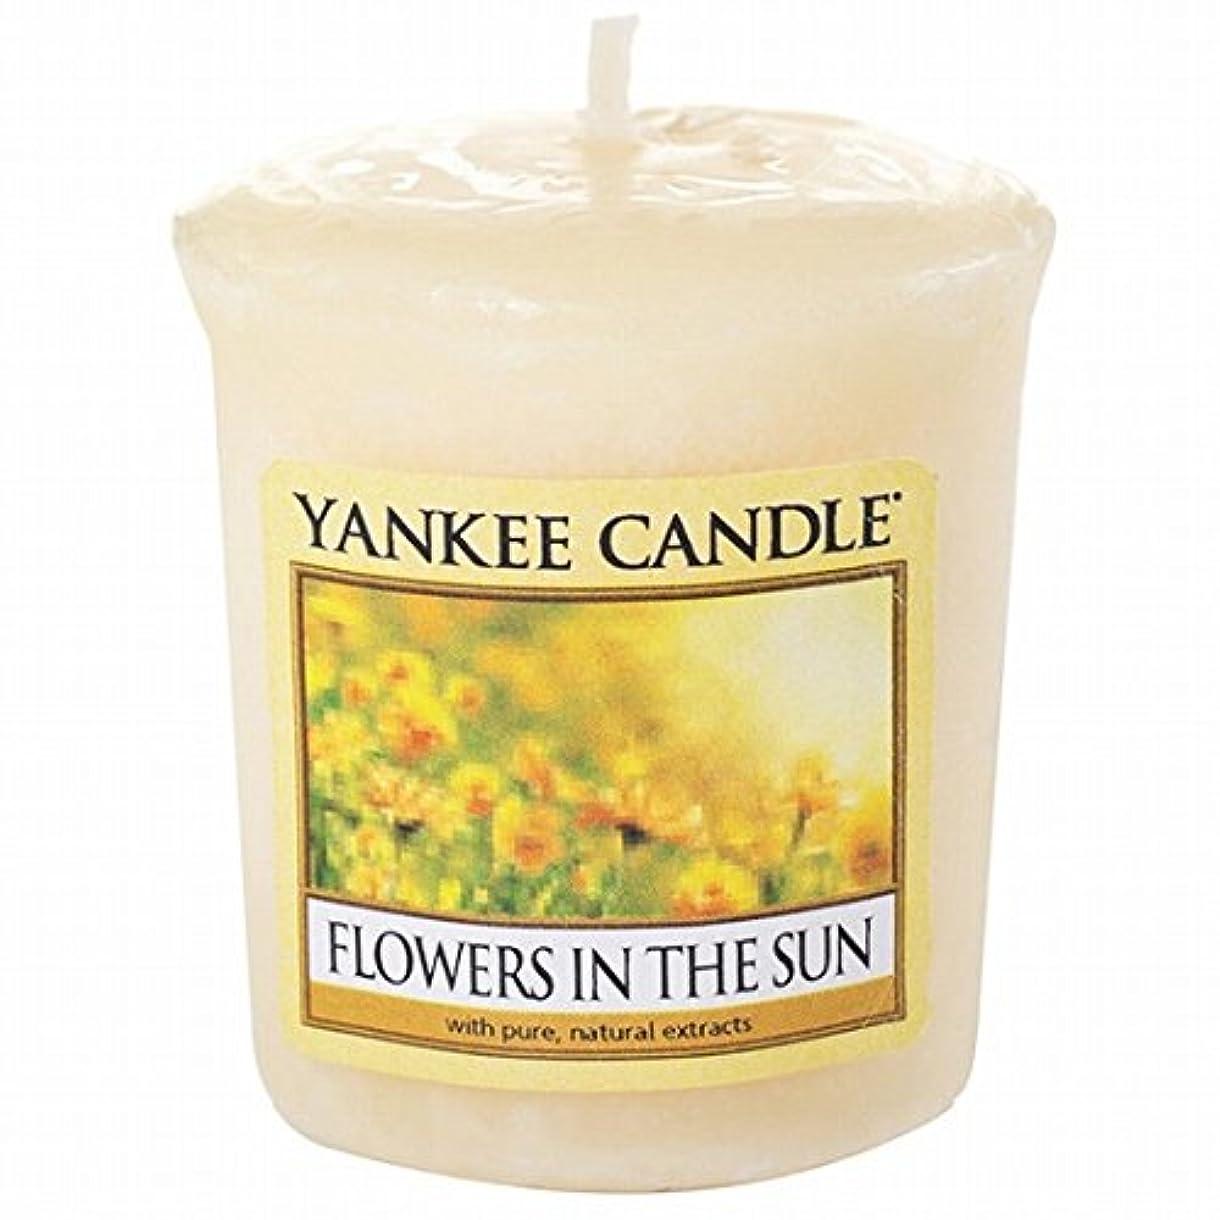 ヤンキーキャンドル(YANKEE CANDLE) YANKEE CANDLE サンプラー 「フラワーインザサン」